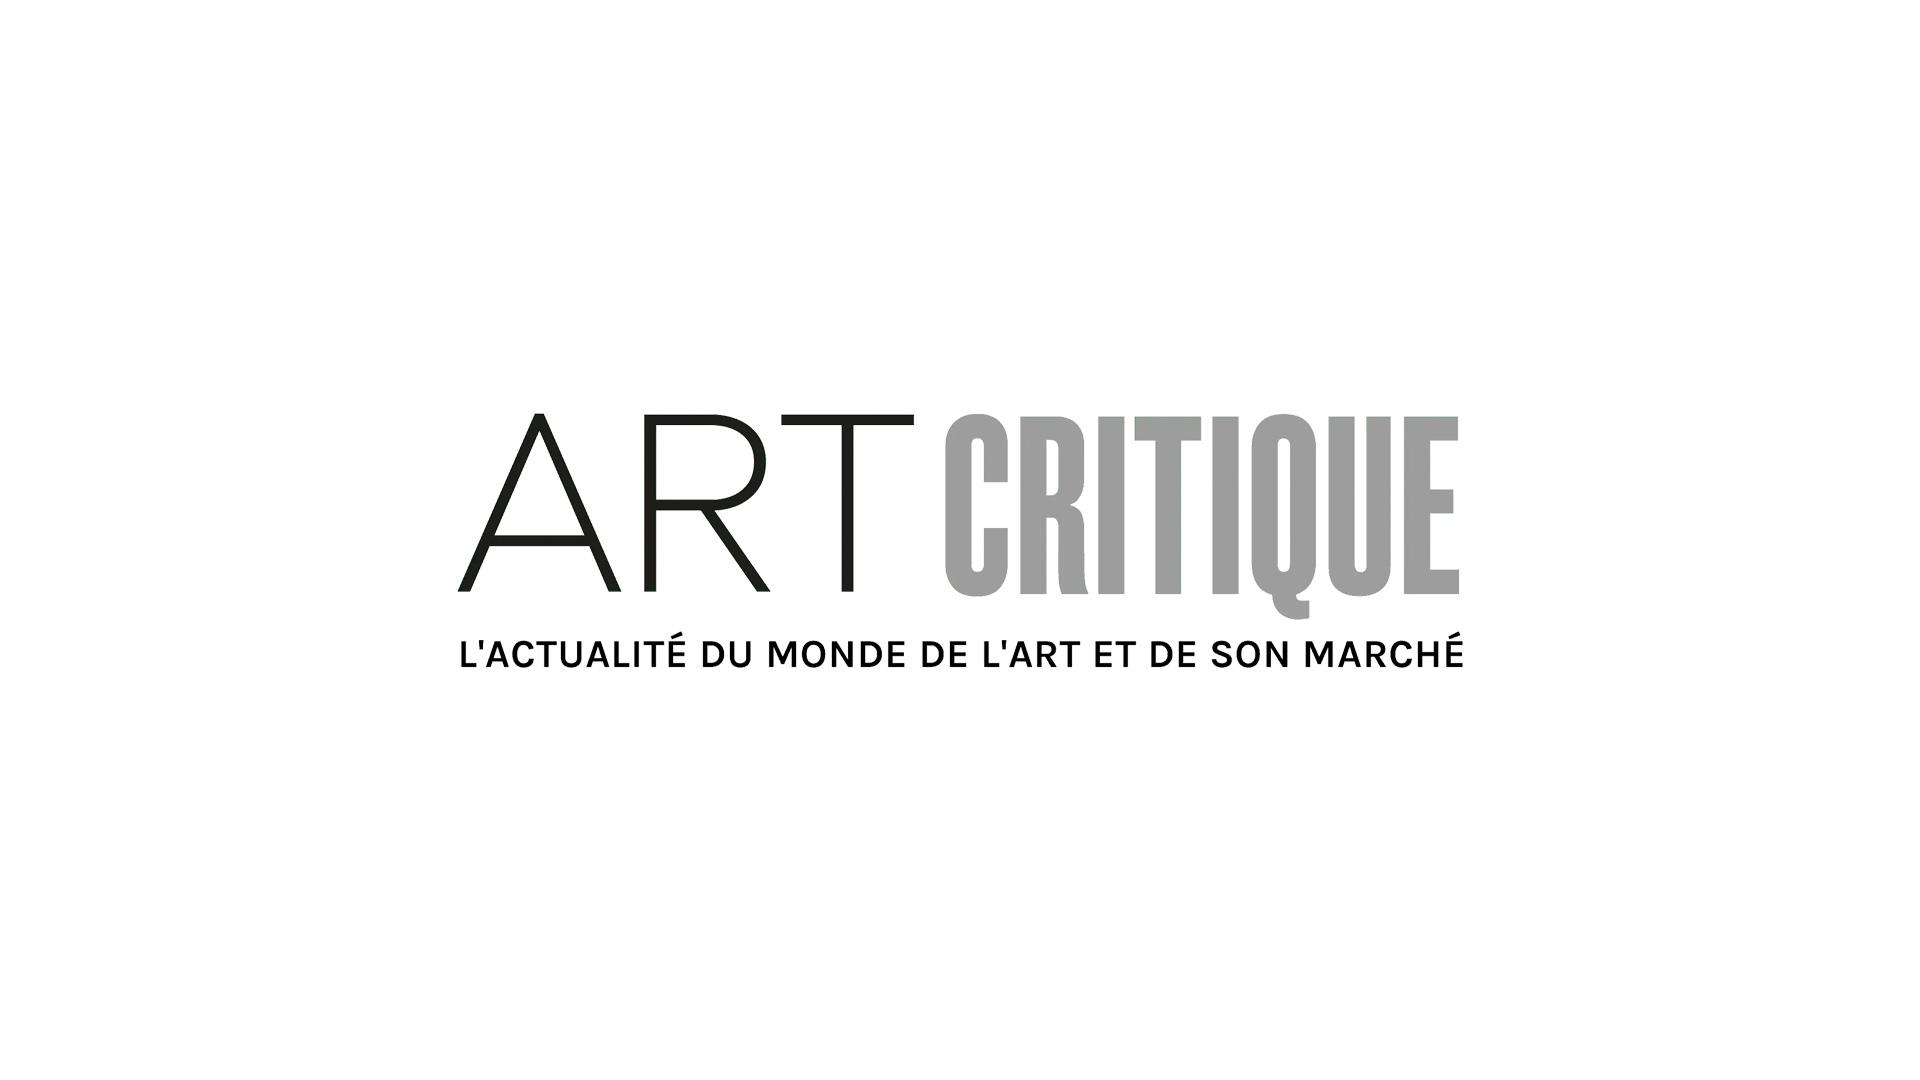 Les voleurs présumés d'une œuvre de Banksy arrêtés